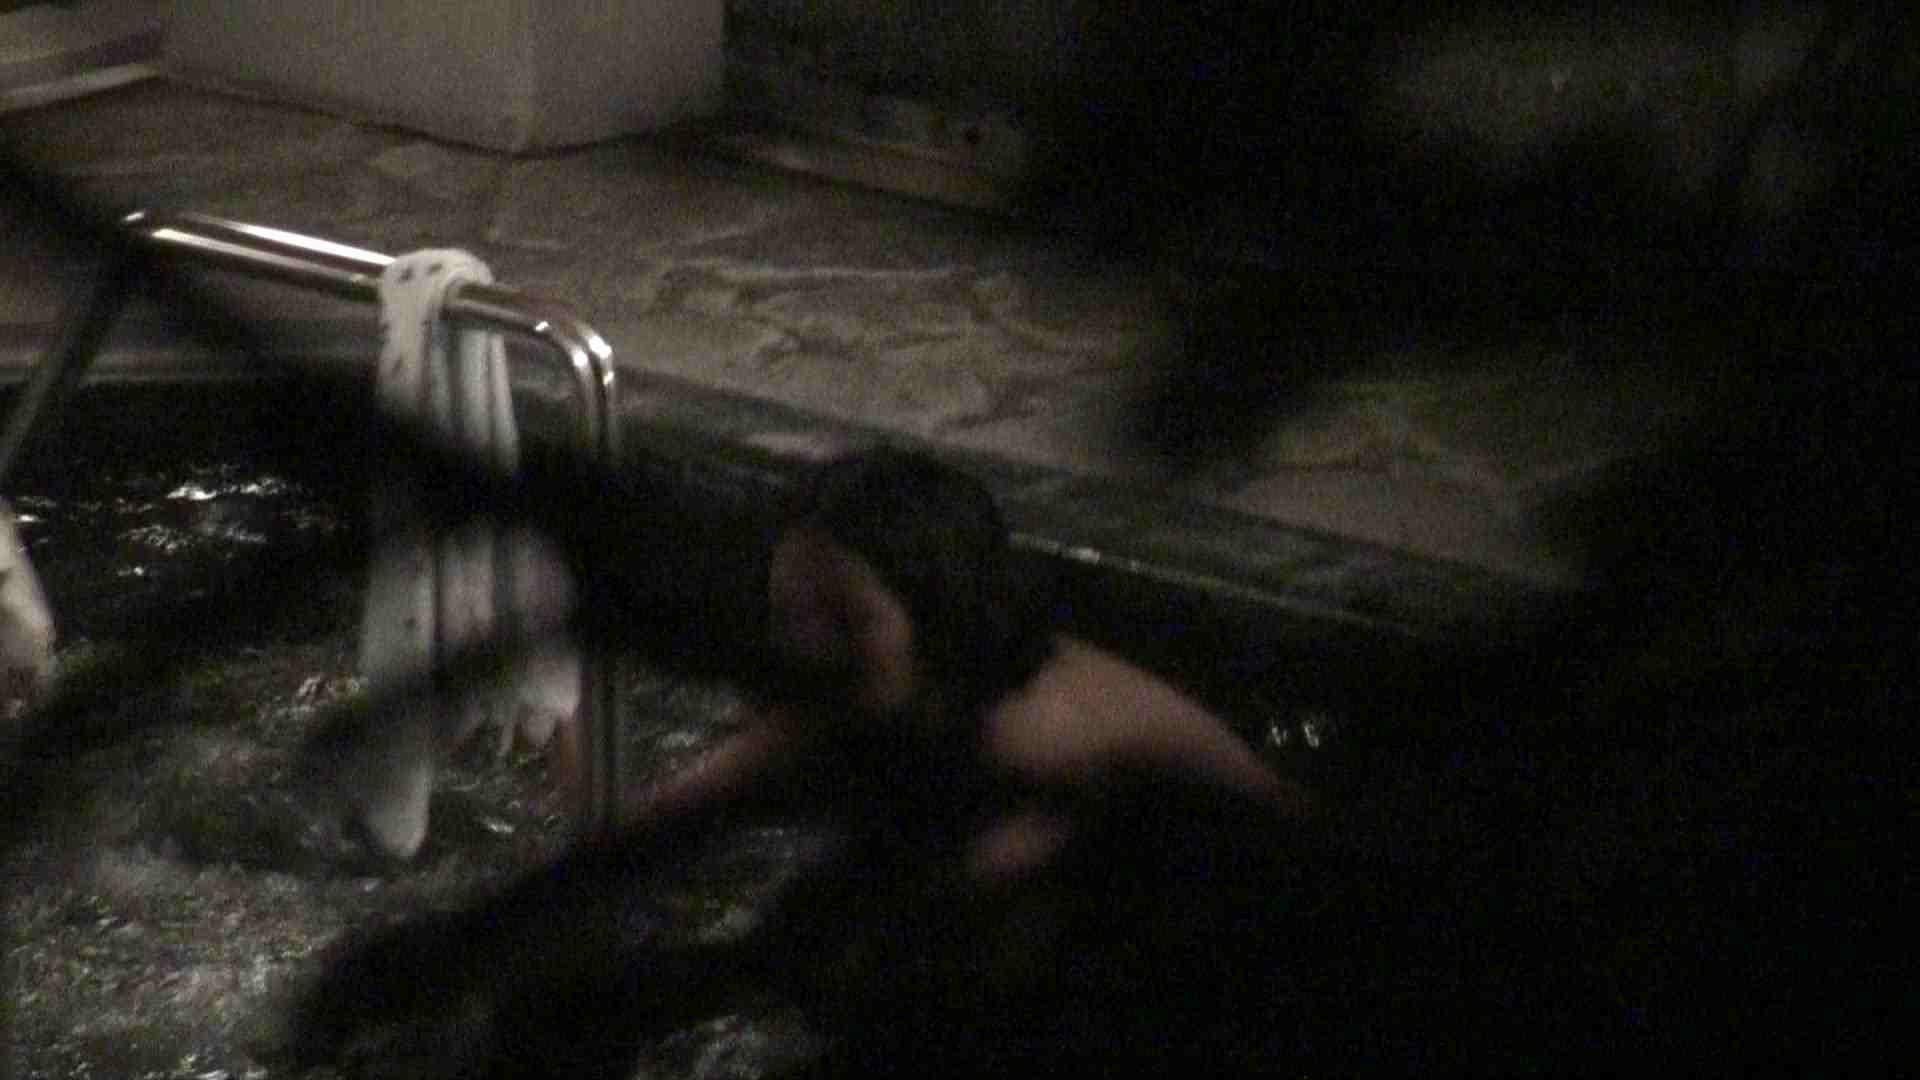 Aquaな露天風呂Vol.358 OLハメ撮り  54Pix 13